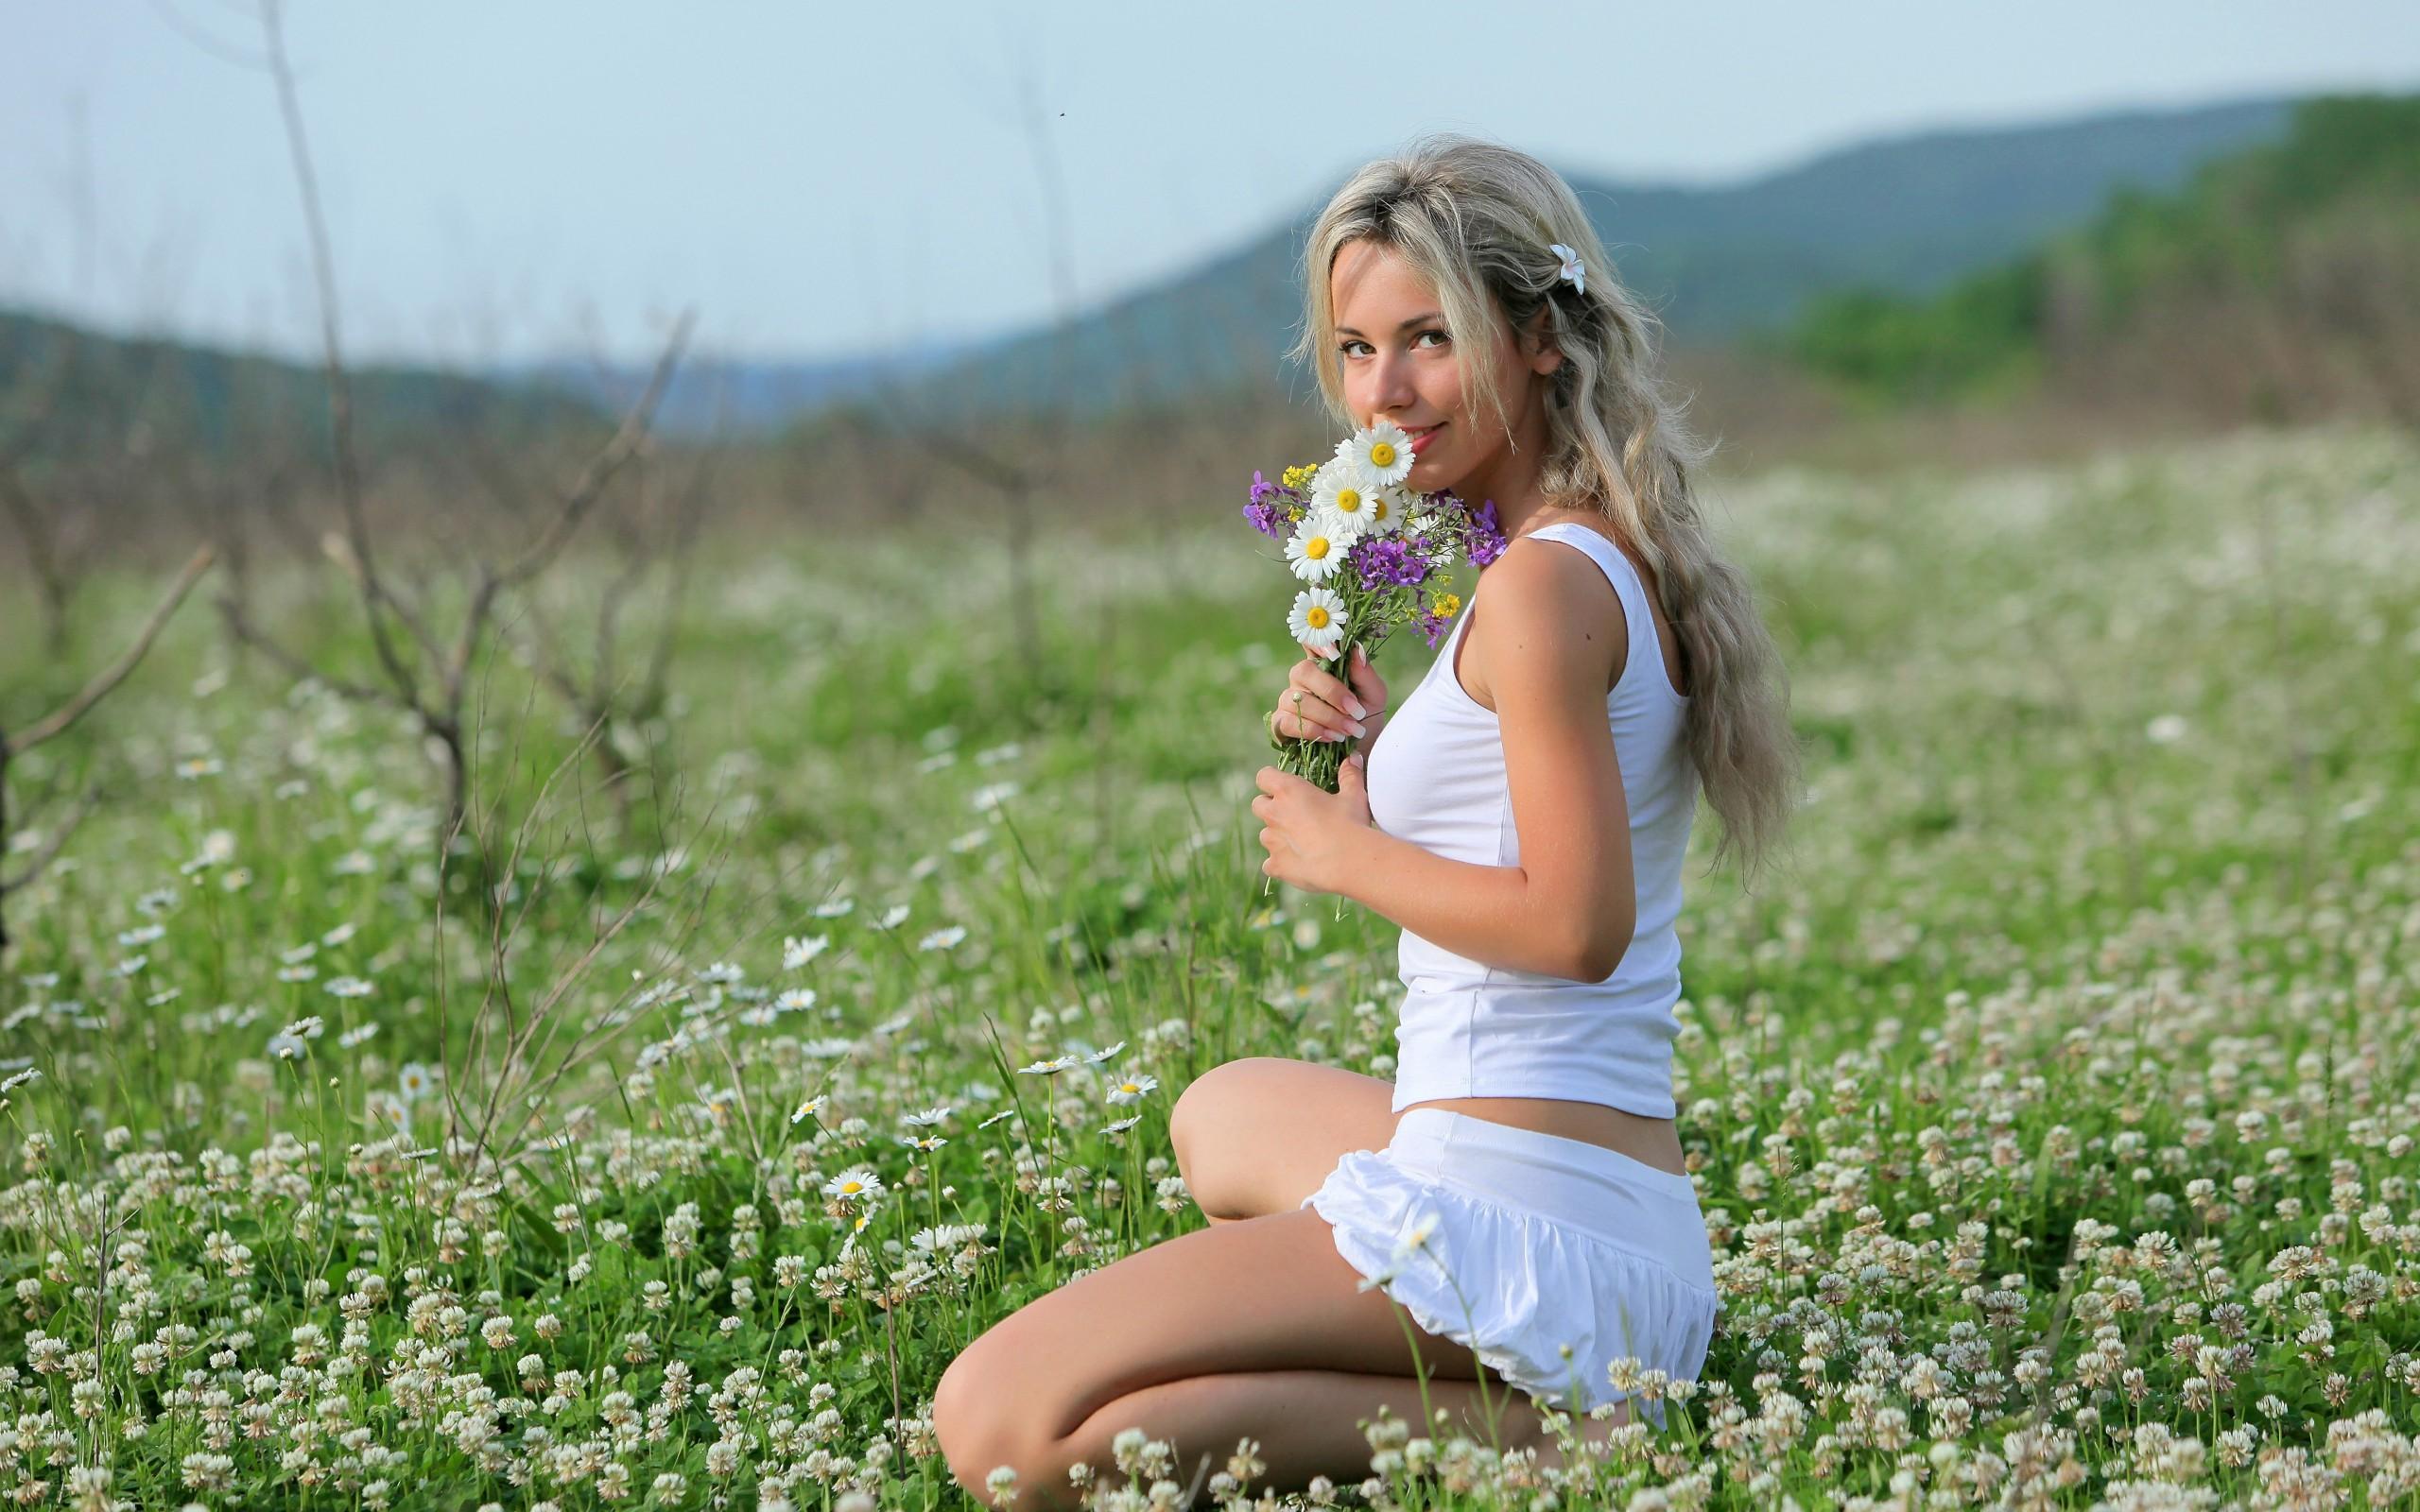 девушки гламурные фото на природе мой любимый российский